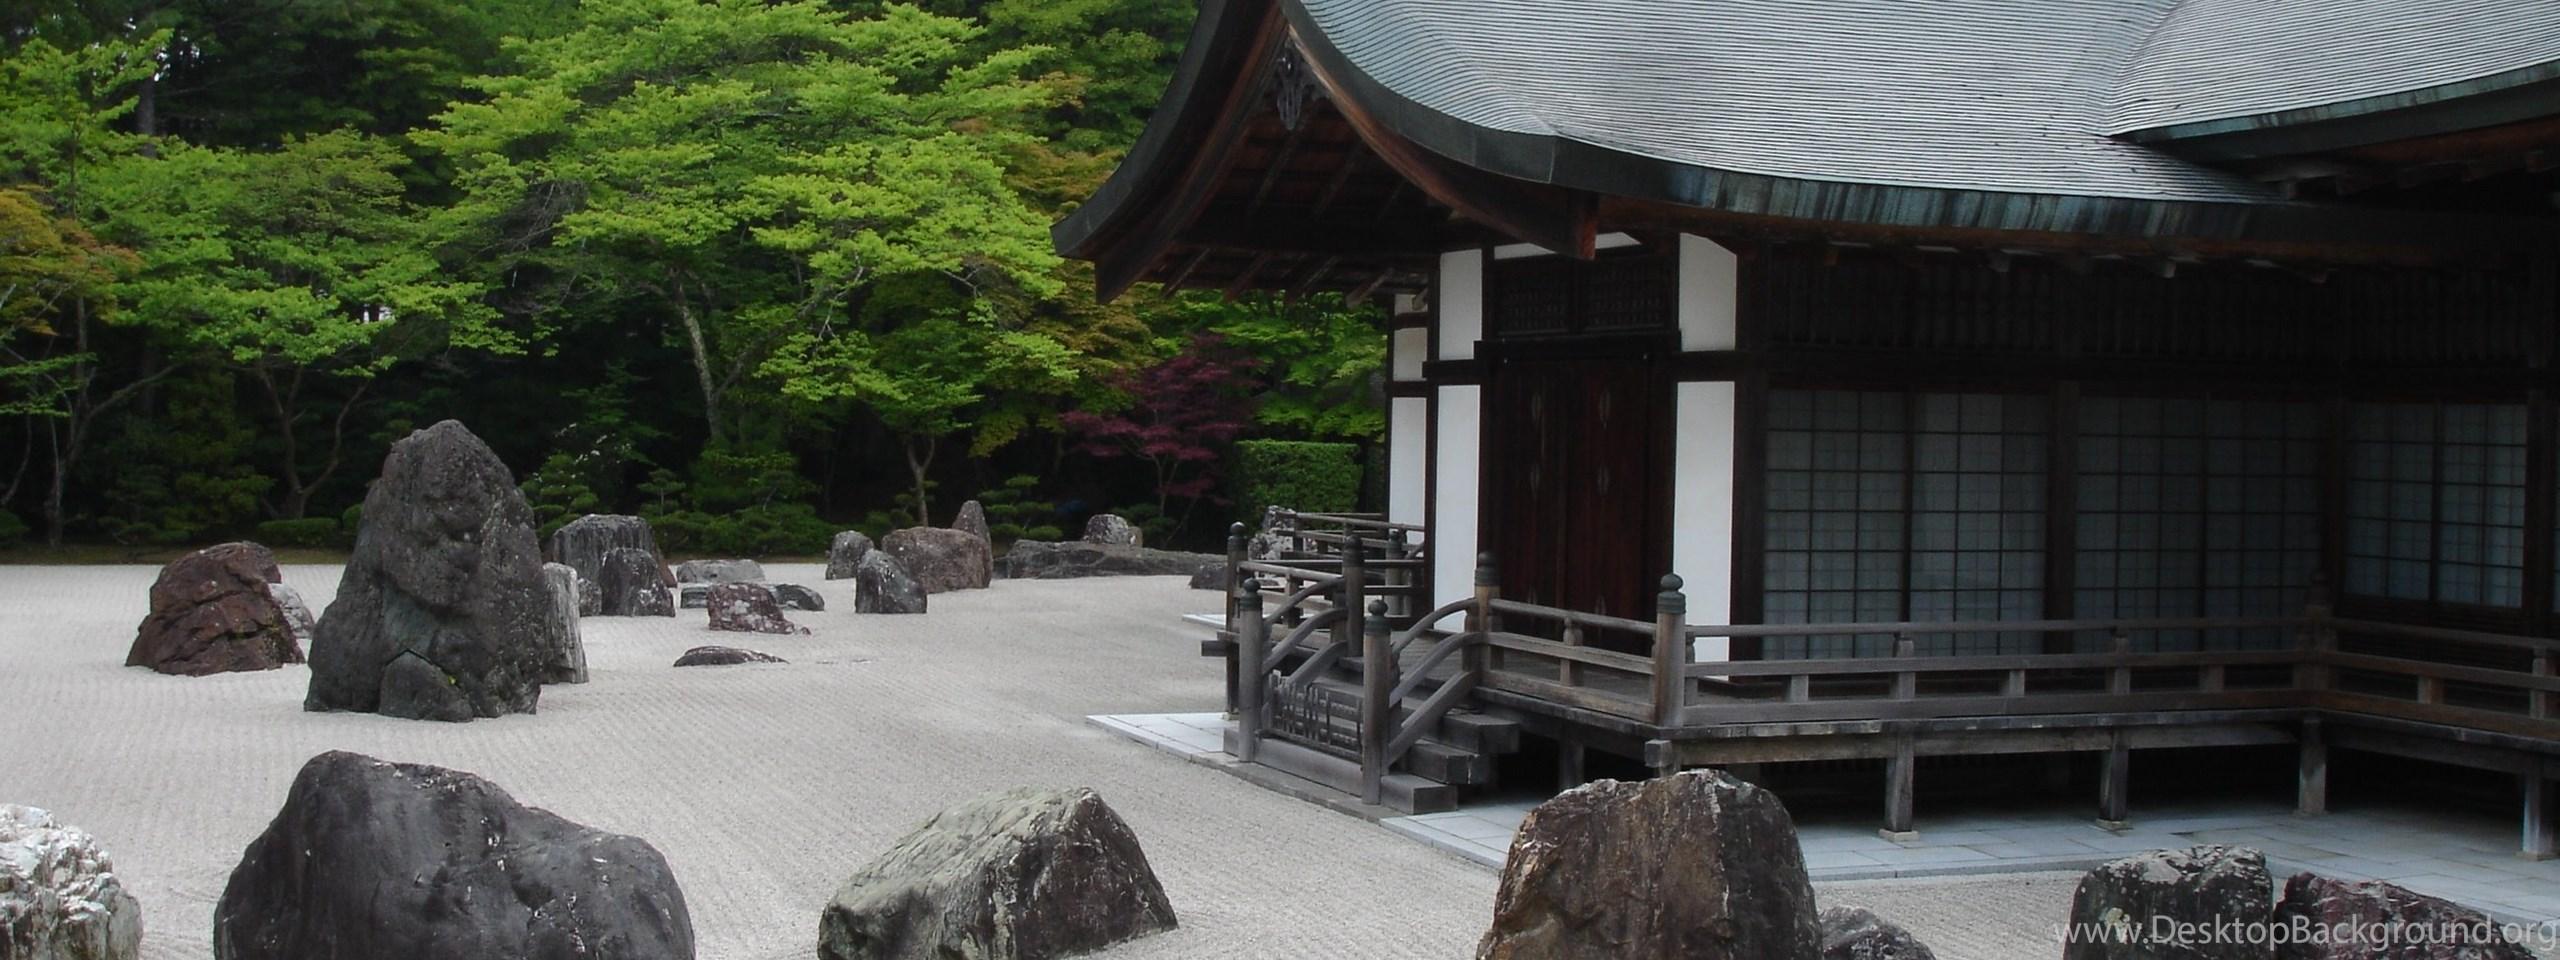 Zen Garden Wallpapers HD Desktop Background